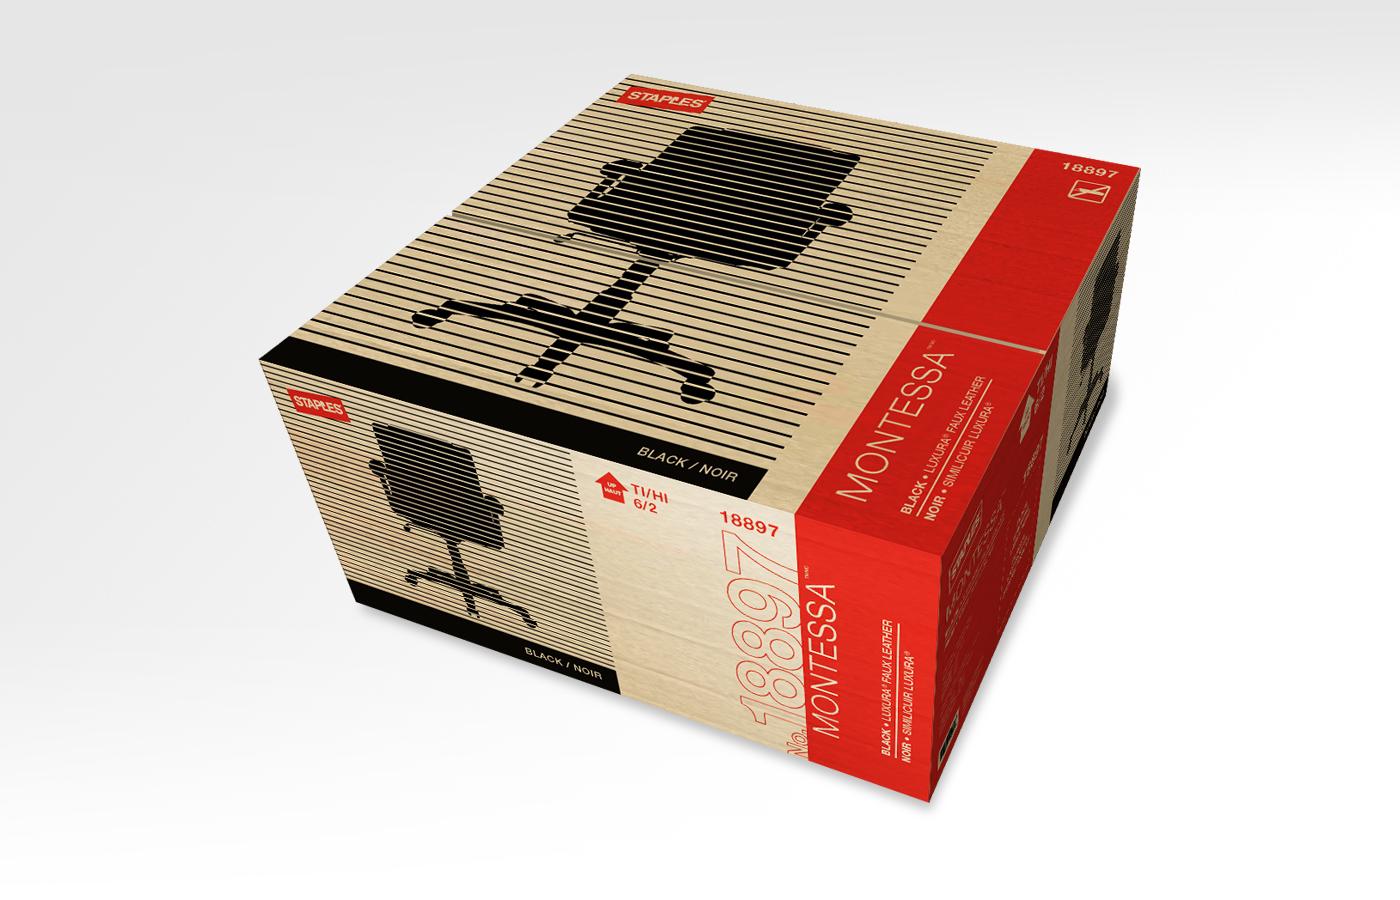 Ora SBG Story-Furniture1_1400x900.jpg